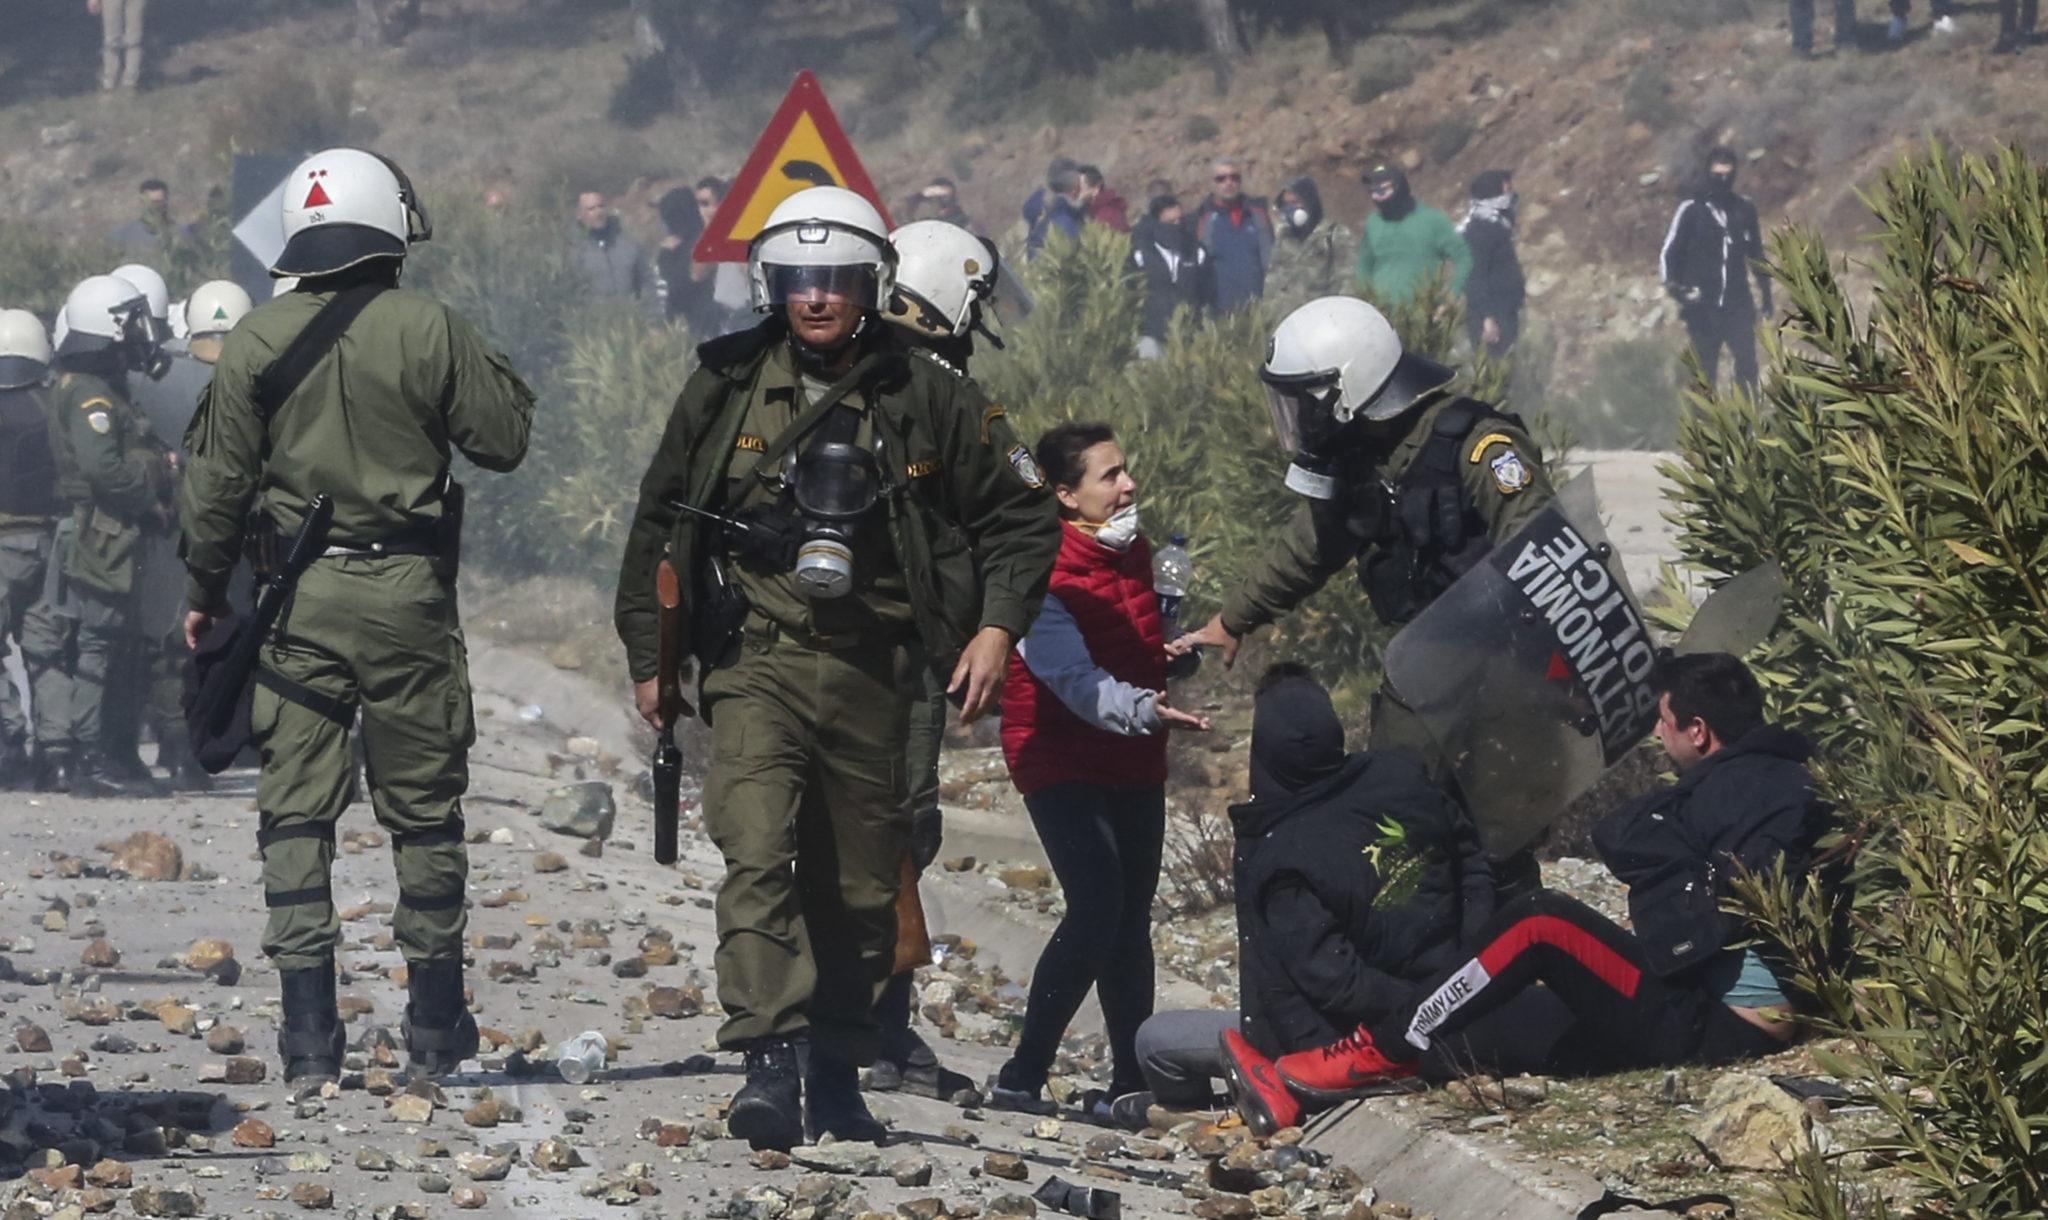 Overvolle azc's, rellen op Lesbos: asielproblematiek ettert door